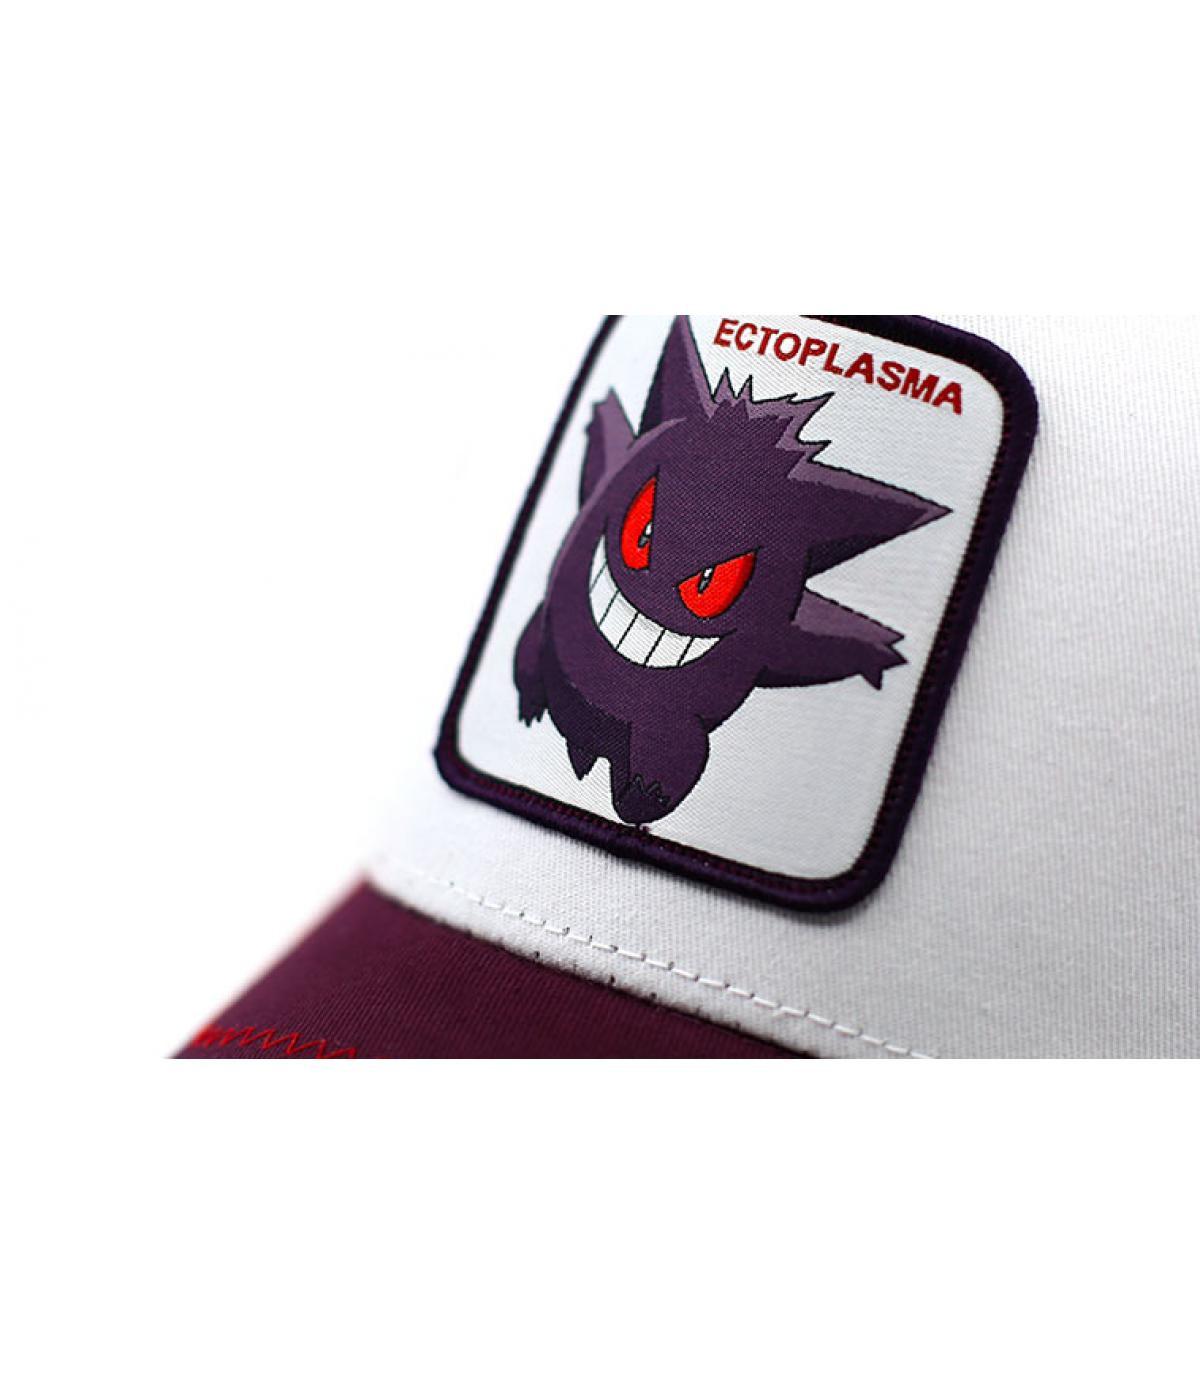 Détails Trucker Pokemon Ectoplasma - image 3